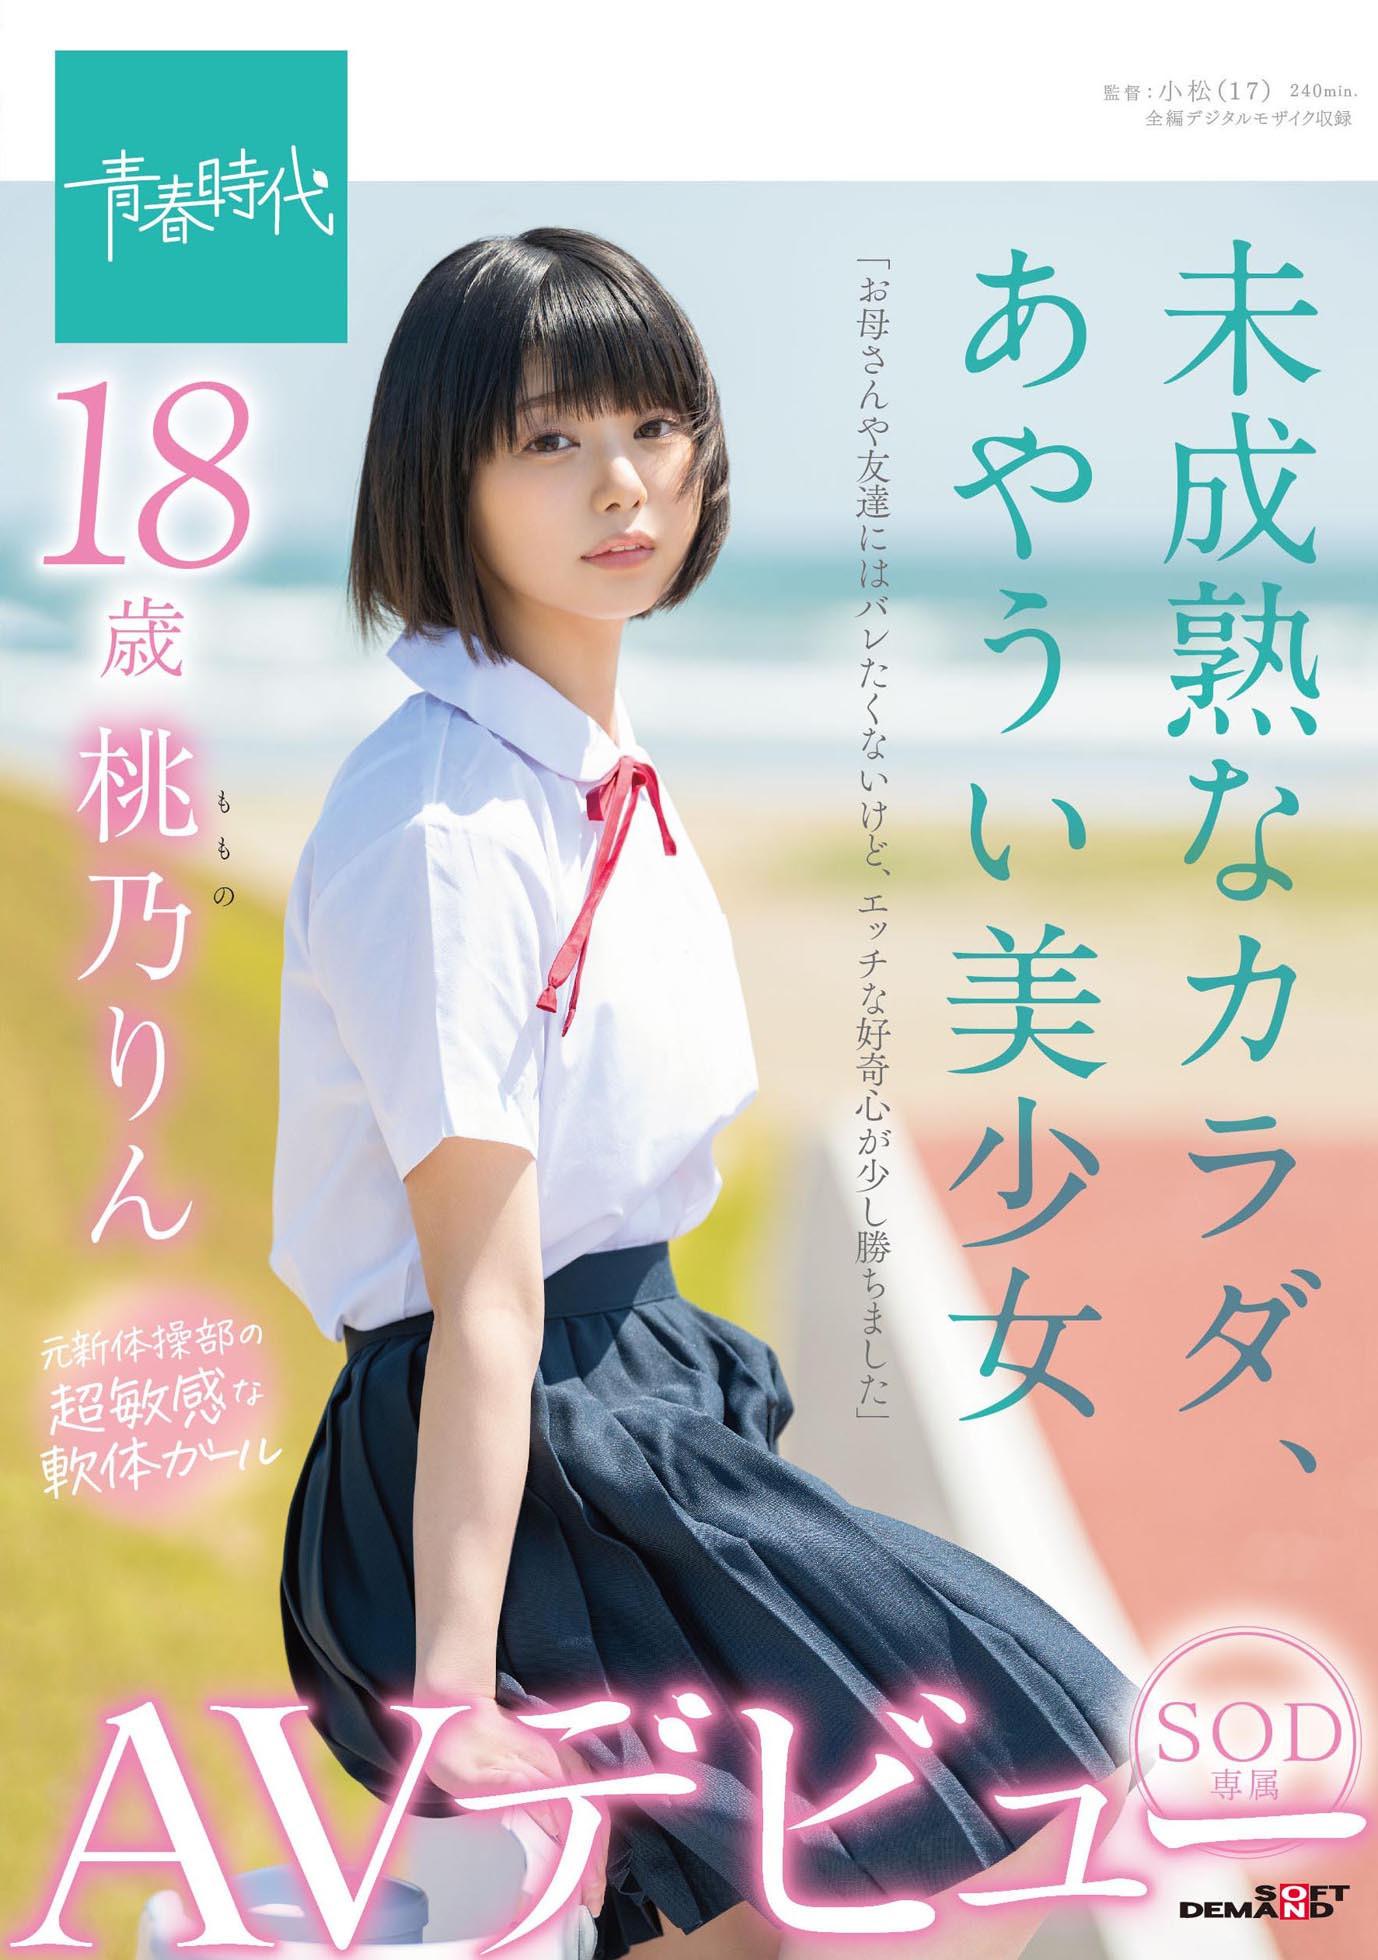 未成熟なカラダ、あやうい美少女 18歳 SOD専属AVデビュー 桃乃りん 画像1